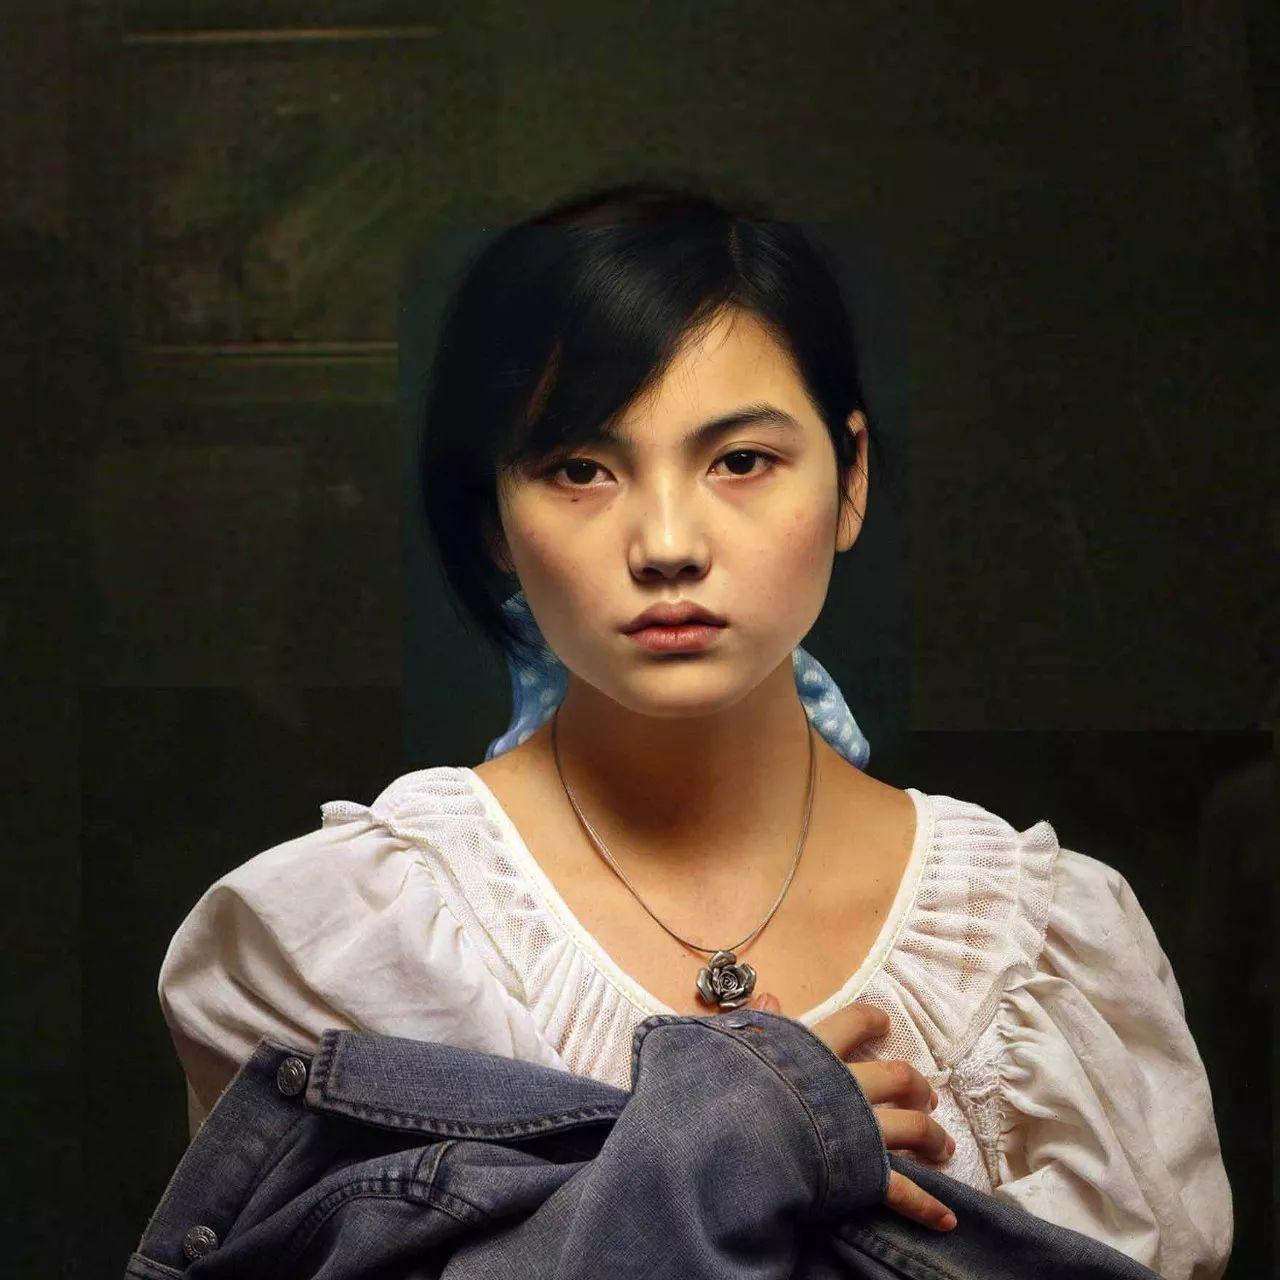 中国写实主义油画_油画家冷军是中国当代超写实主义油画的领军人物.